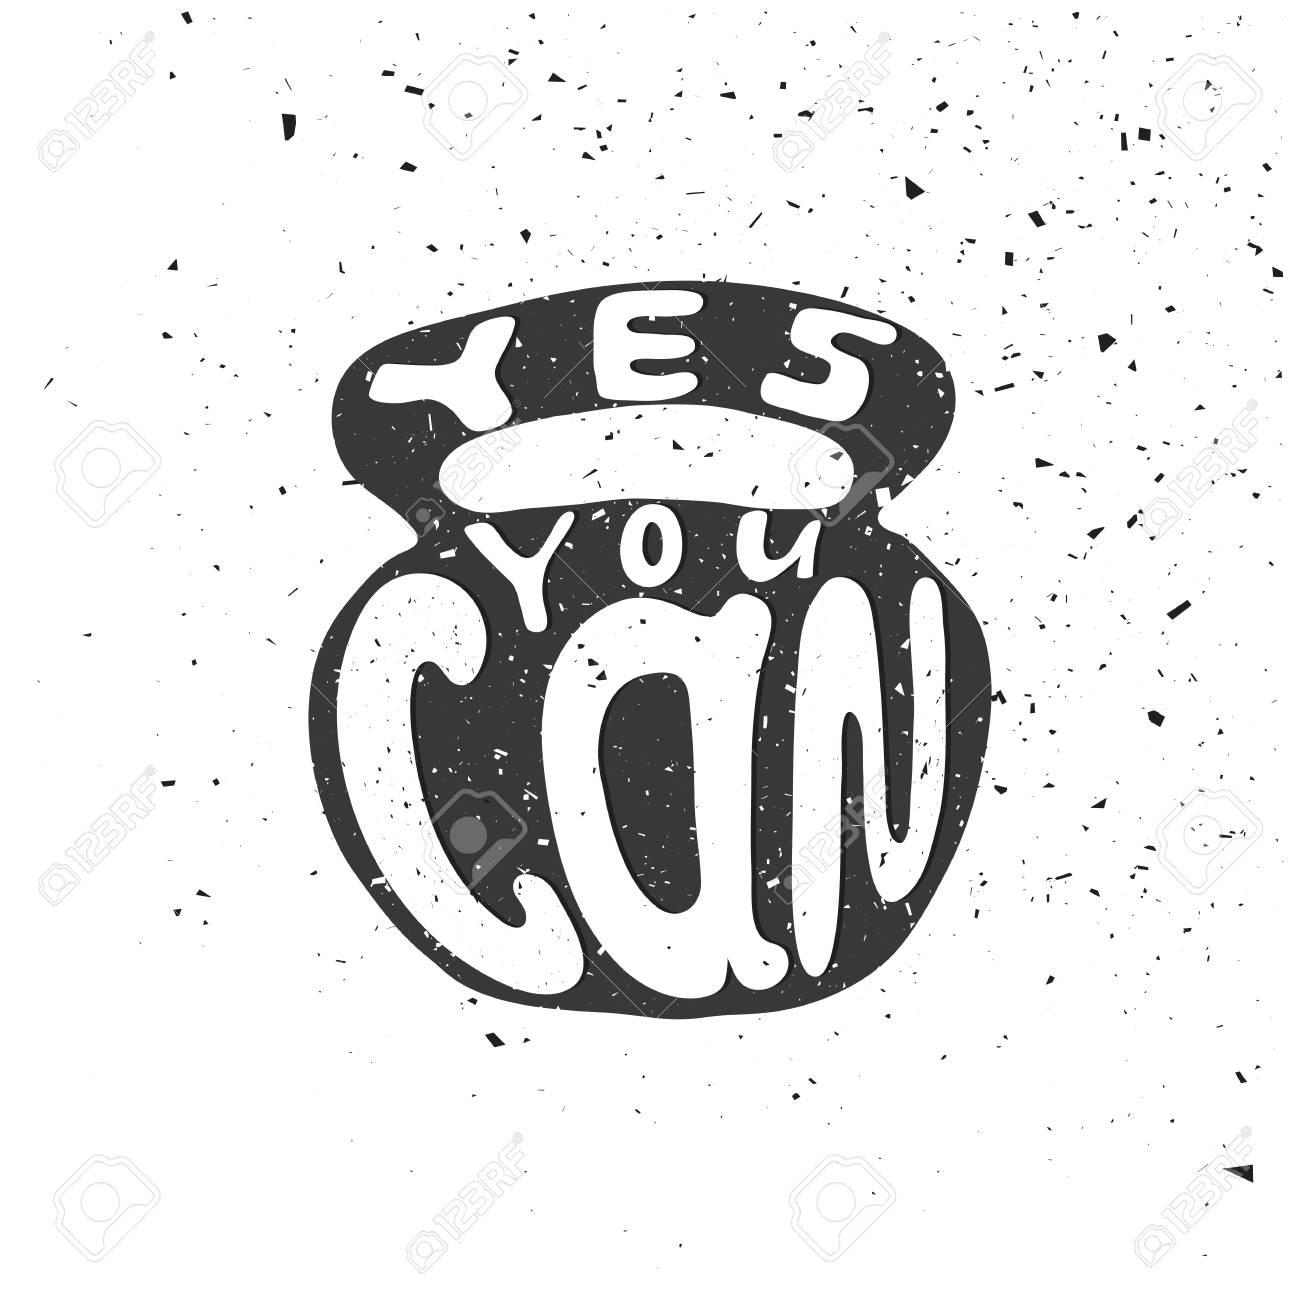 Affiche De Typographie Dessiné Main Noir Et Blanc Citation De Motivation Oui Vous Pouvez Isolé Sur Fond D Ampoule Calligraphie Lettrage Illustration